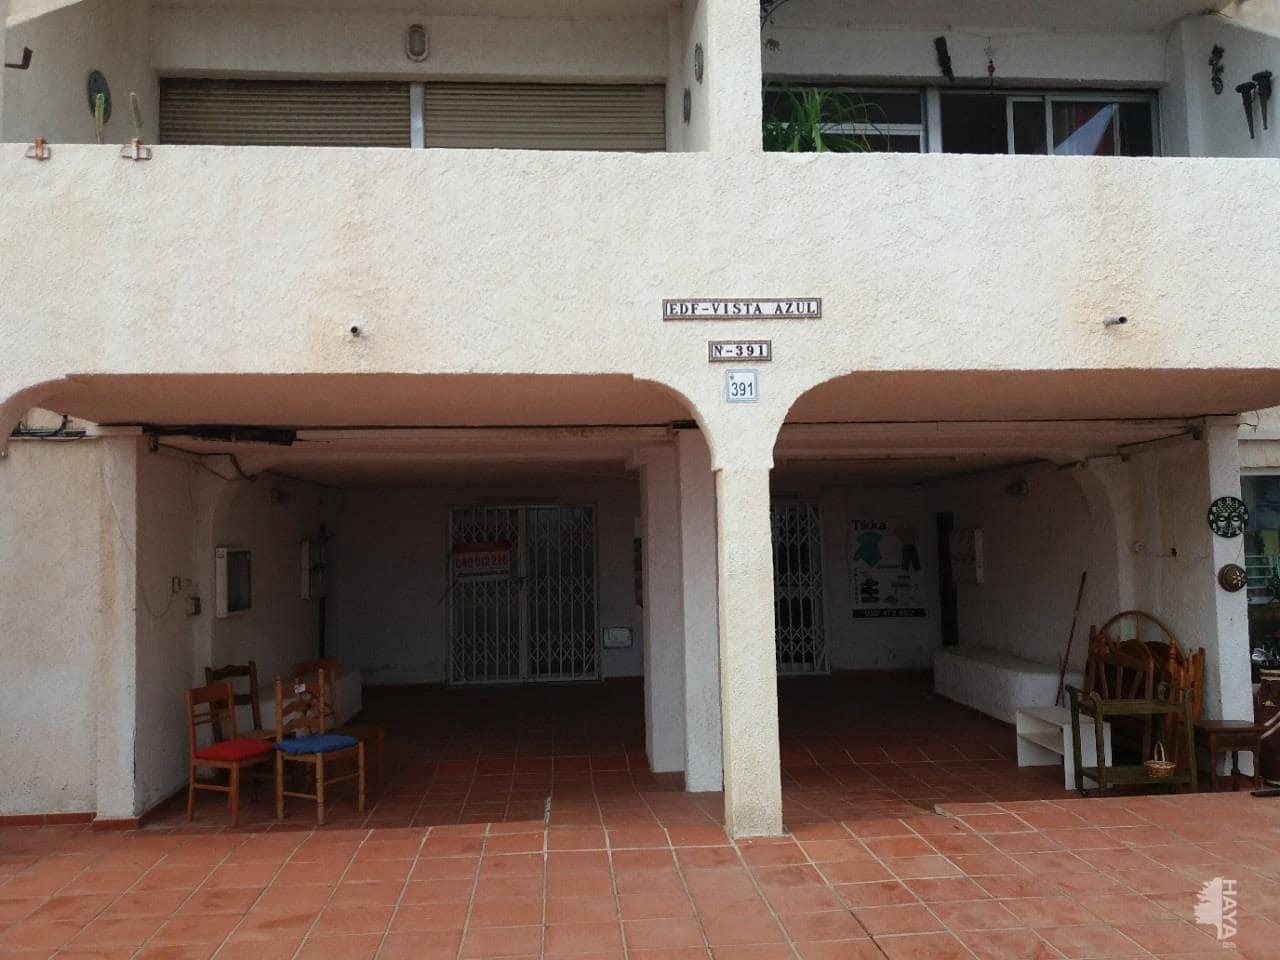 Local en venta en Mojácar Playa, Mojácar, Almería, Paseo del Mediterraneo, 84.153 €, 68 m2